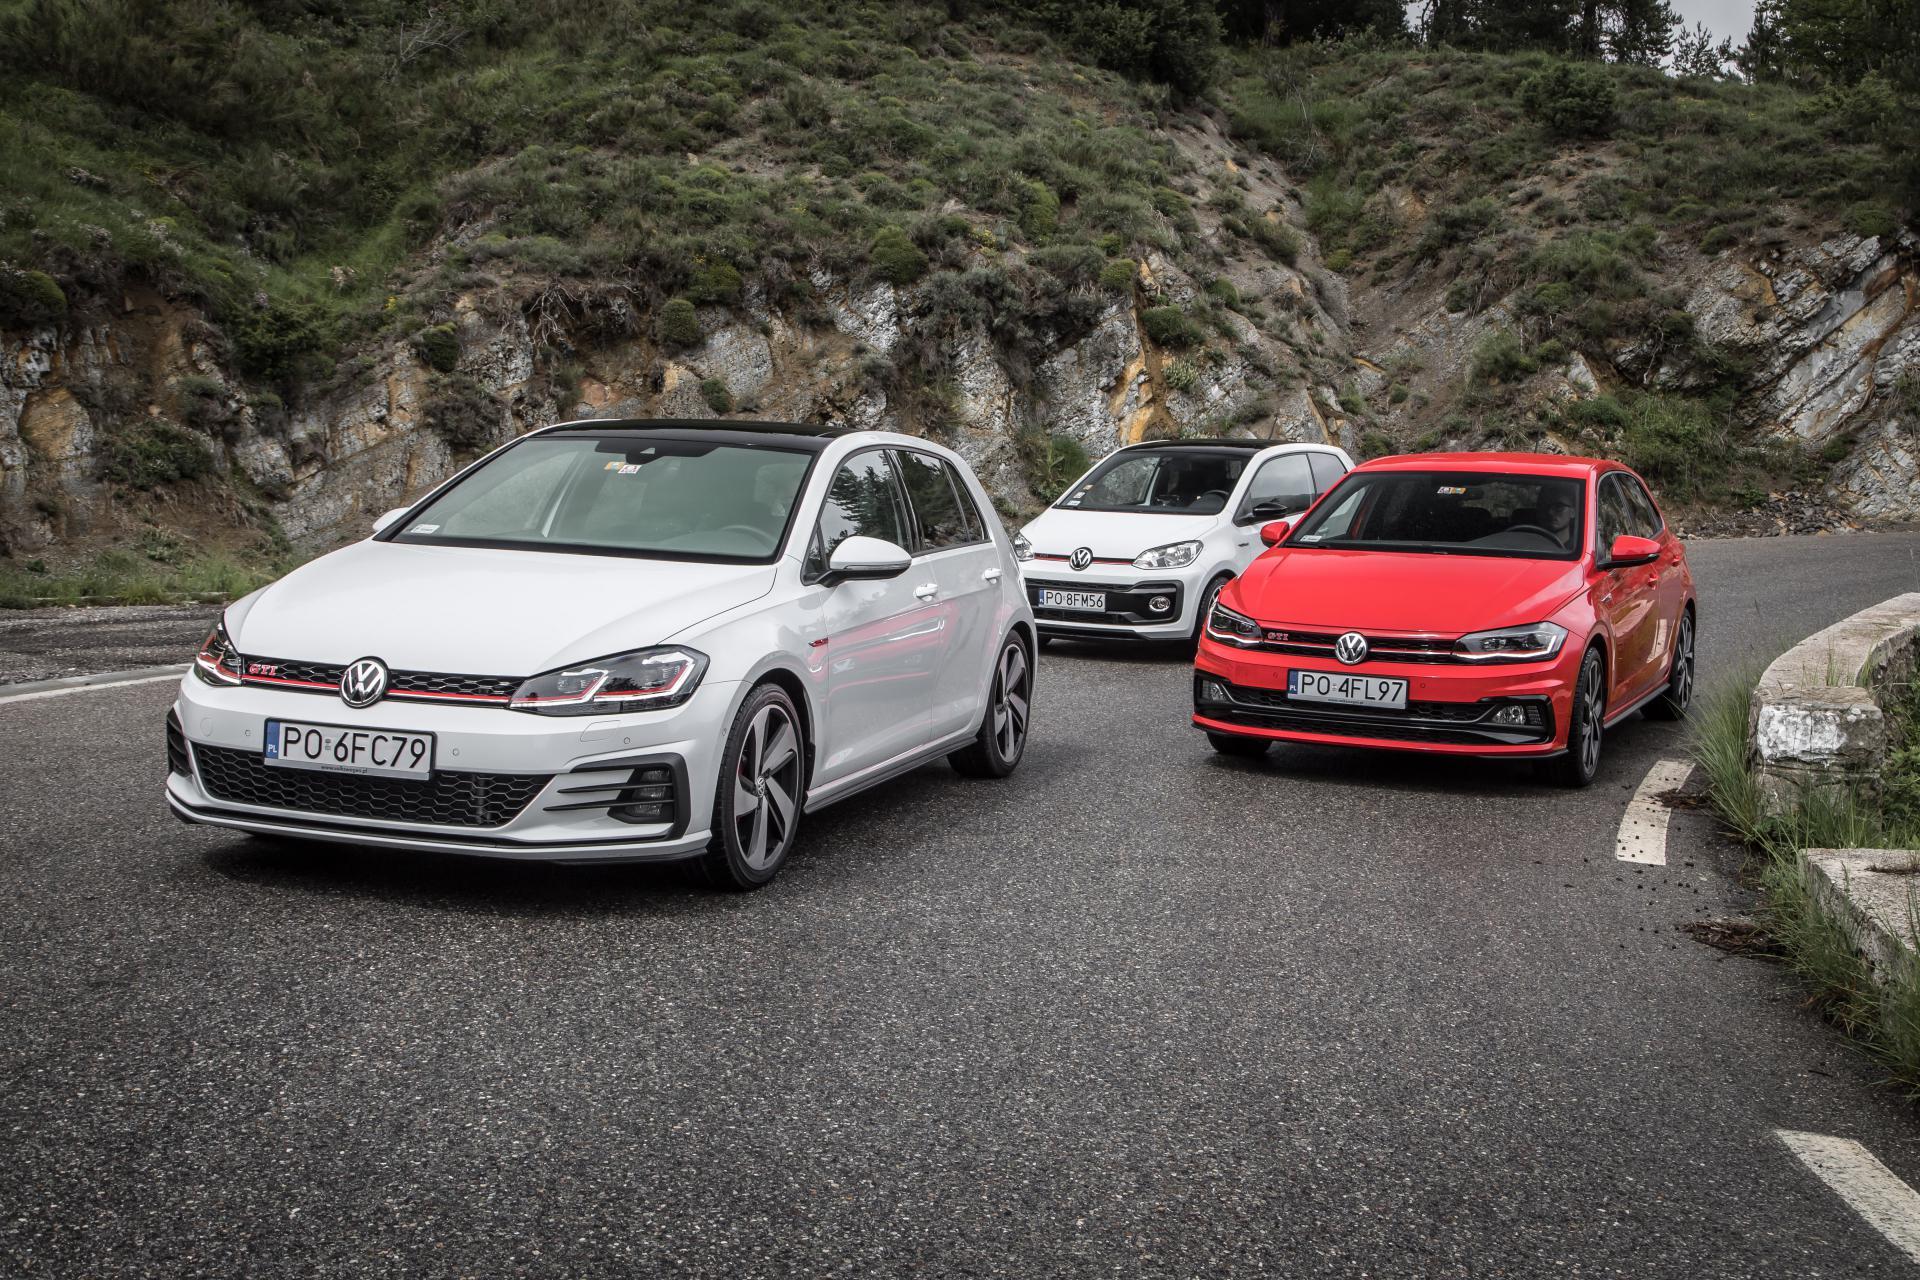 Takich GTI jak Volkswagen nie robi nikt inny TEST hot hatchy na serpentynach przełęczy Col de Turini Super Express